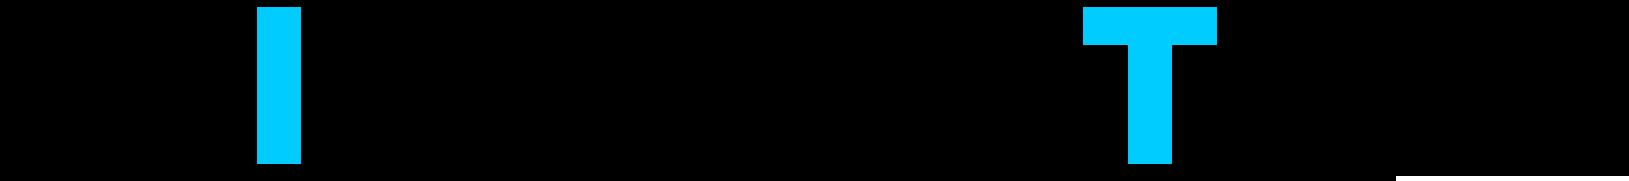 WISE CUSTOM / ハンドメイド釣り具メーカー ワイズカスタム